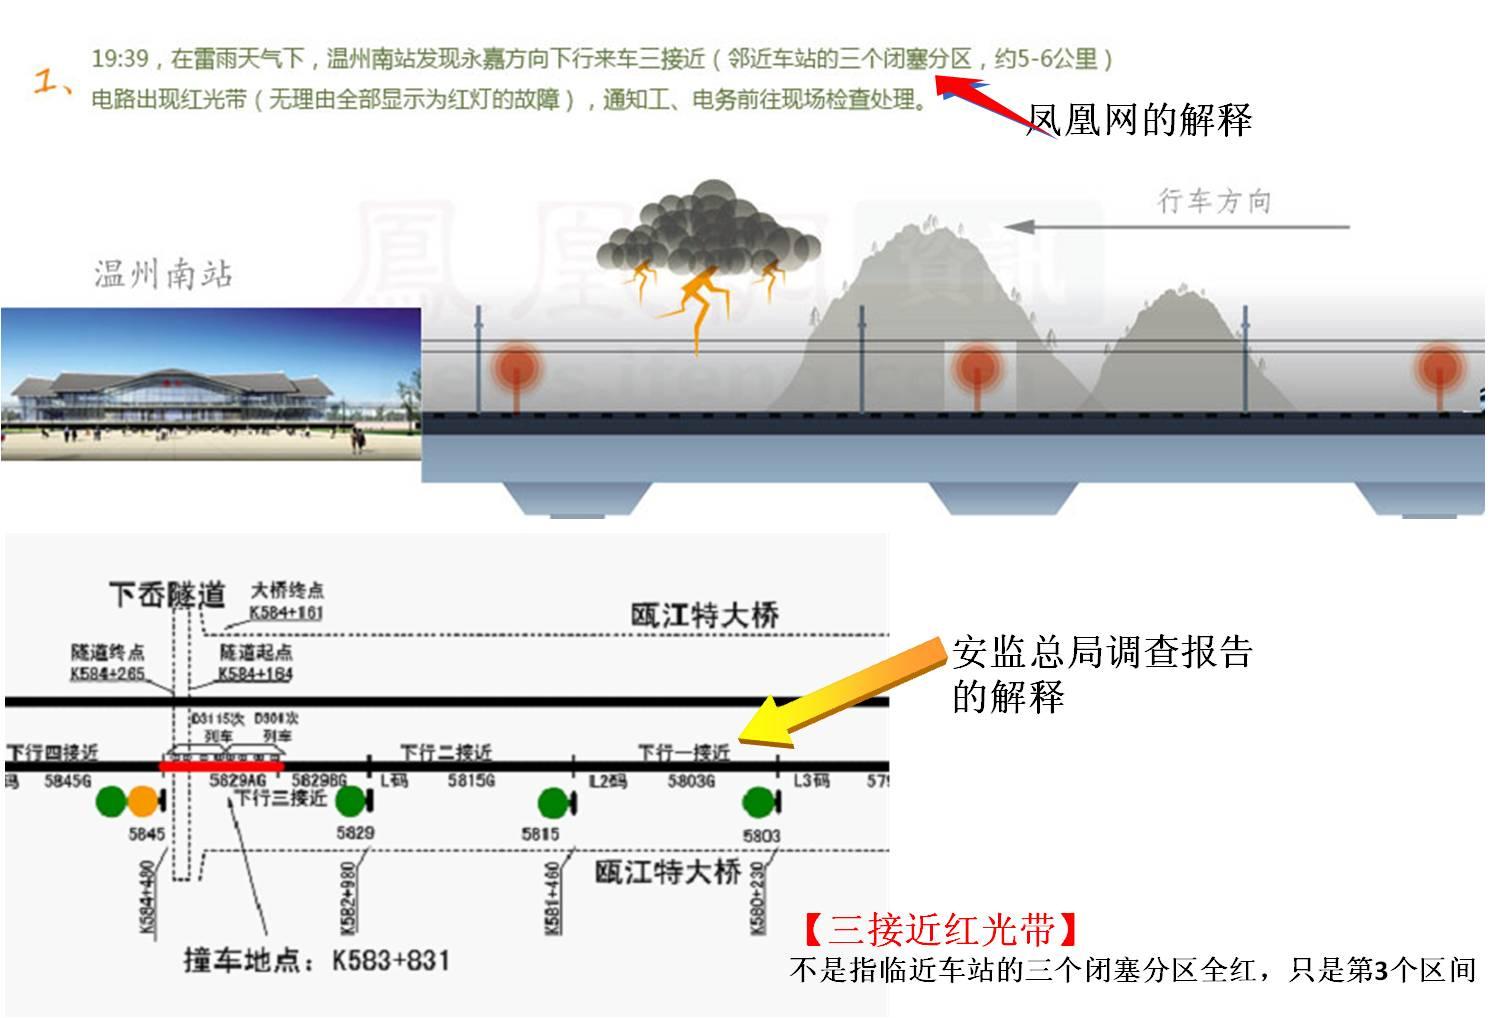 动车事故调查报告_723动车事故调查报告存在疑问(2)